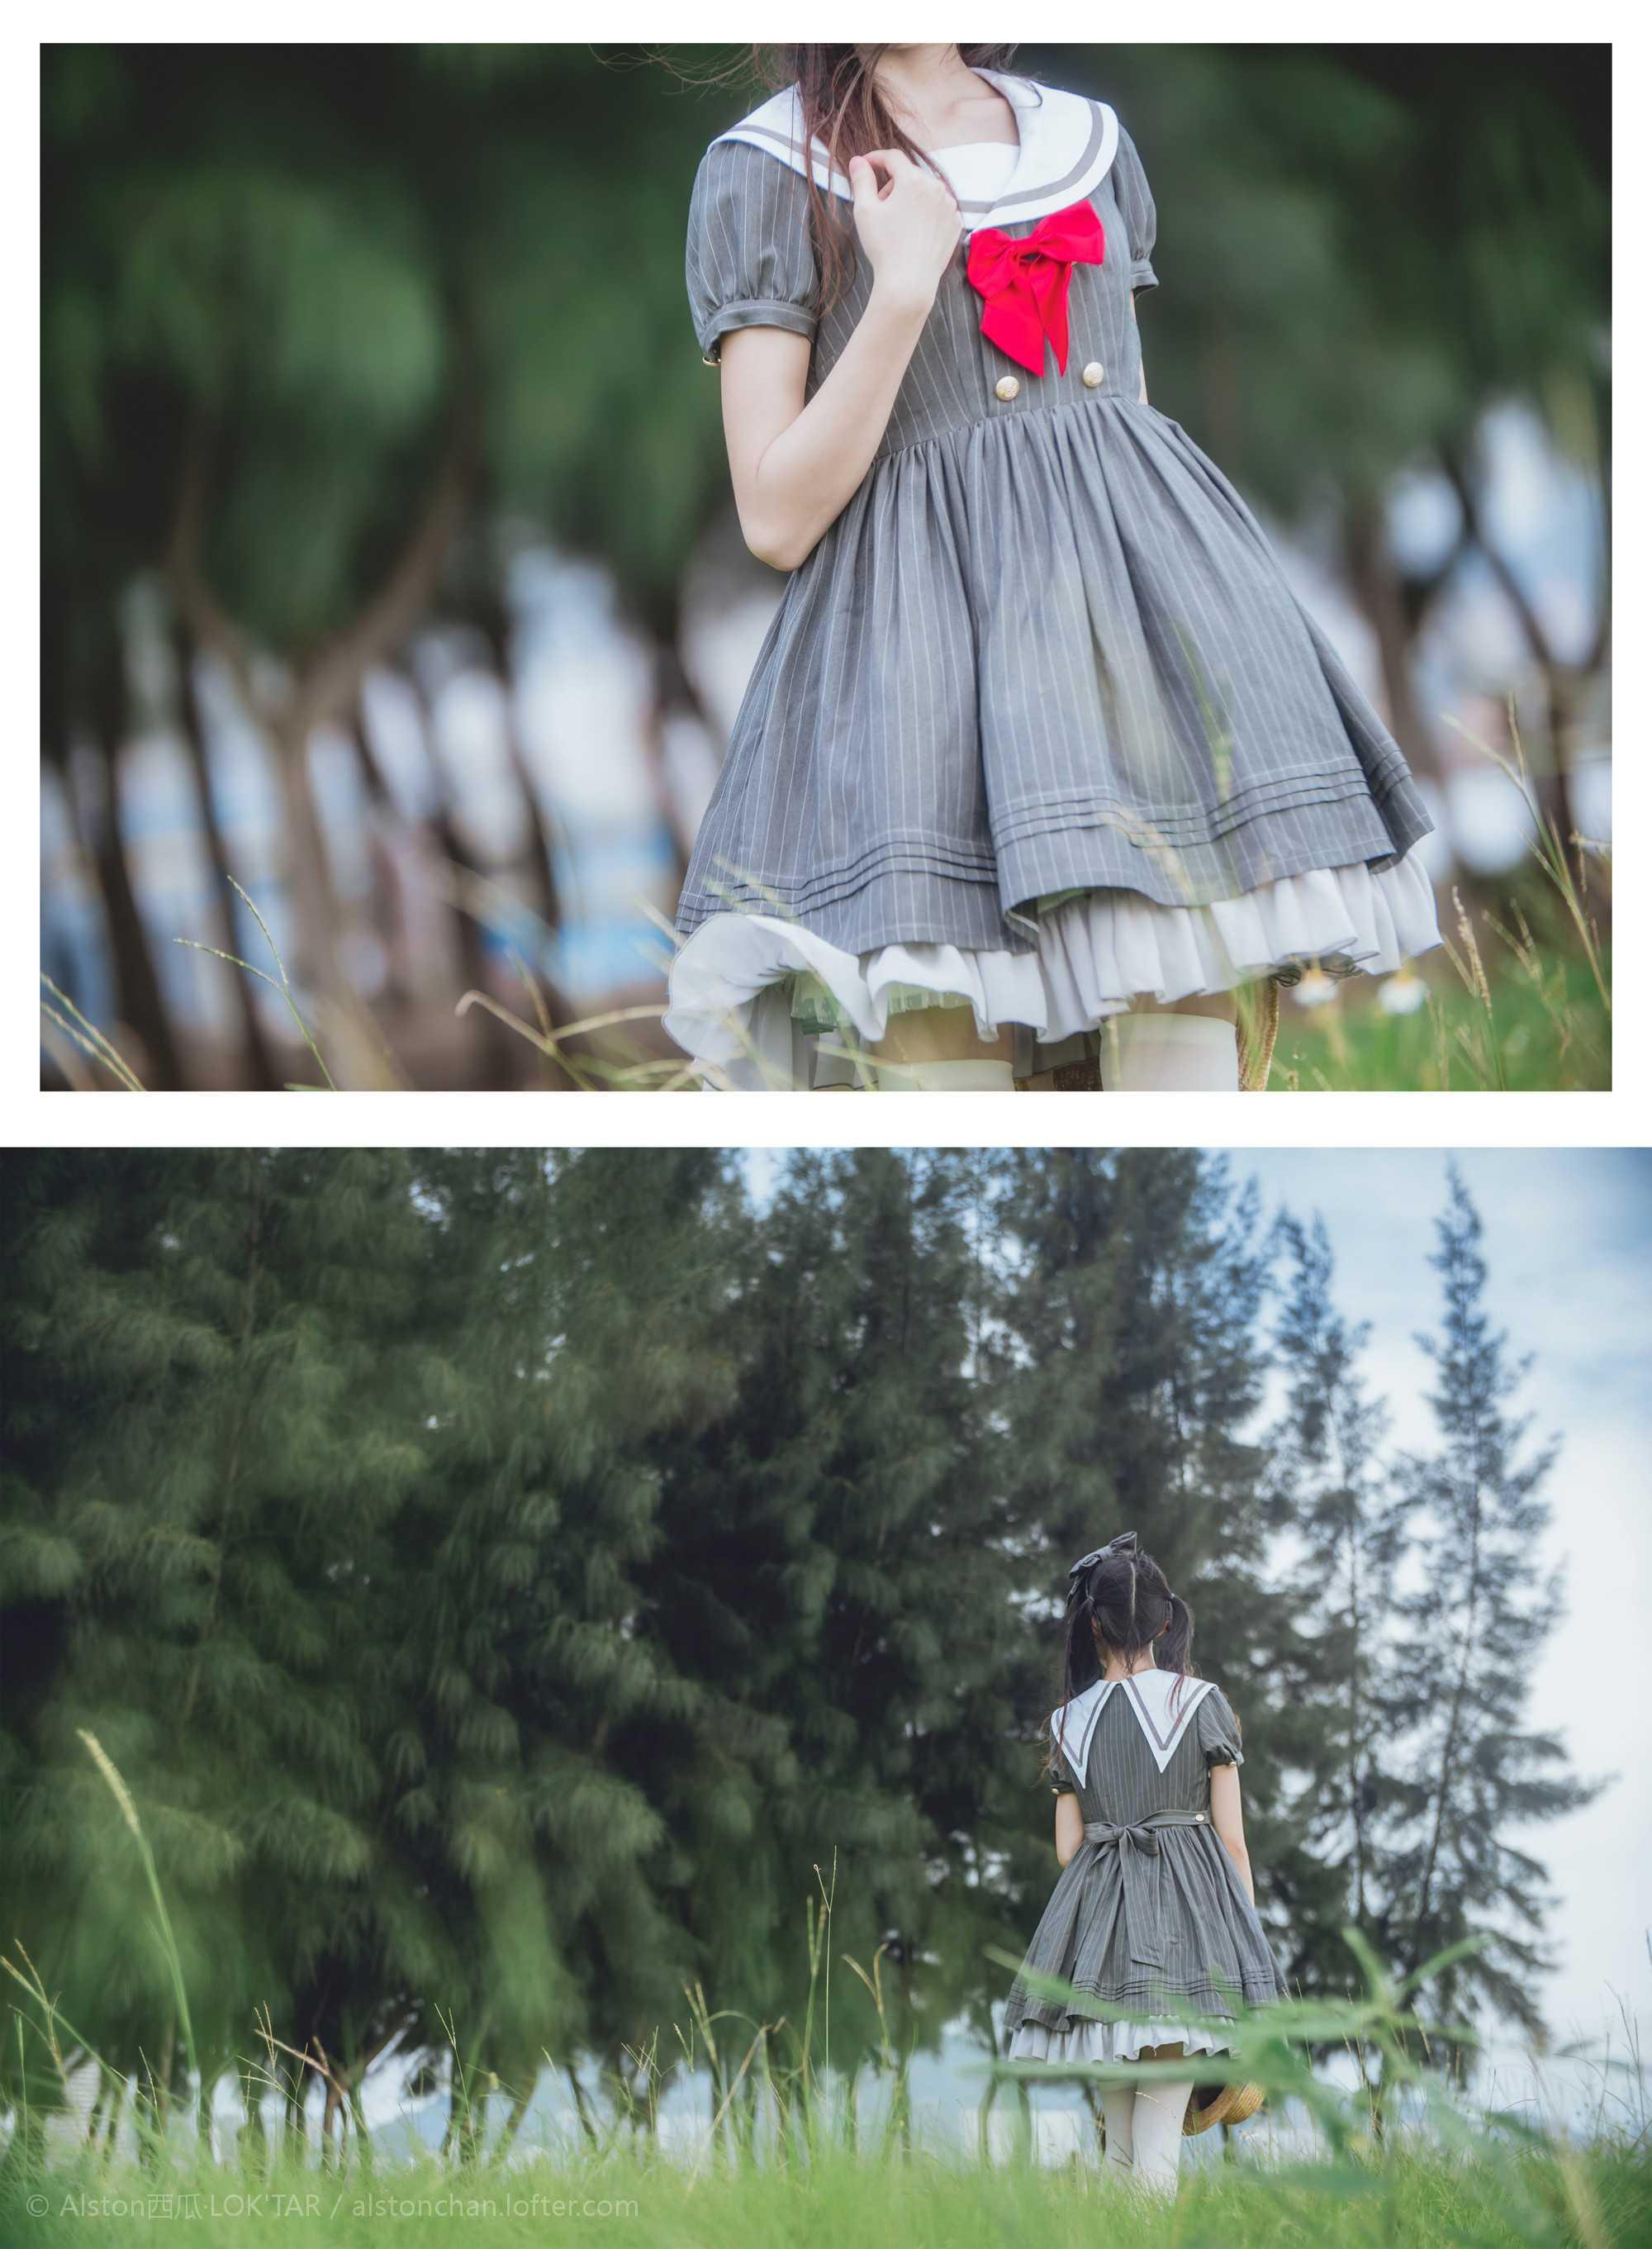 免费⭐微博红人⭐桜桃喵@写真cos-Repo(桜桃喵)【10P】插图3